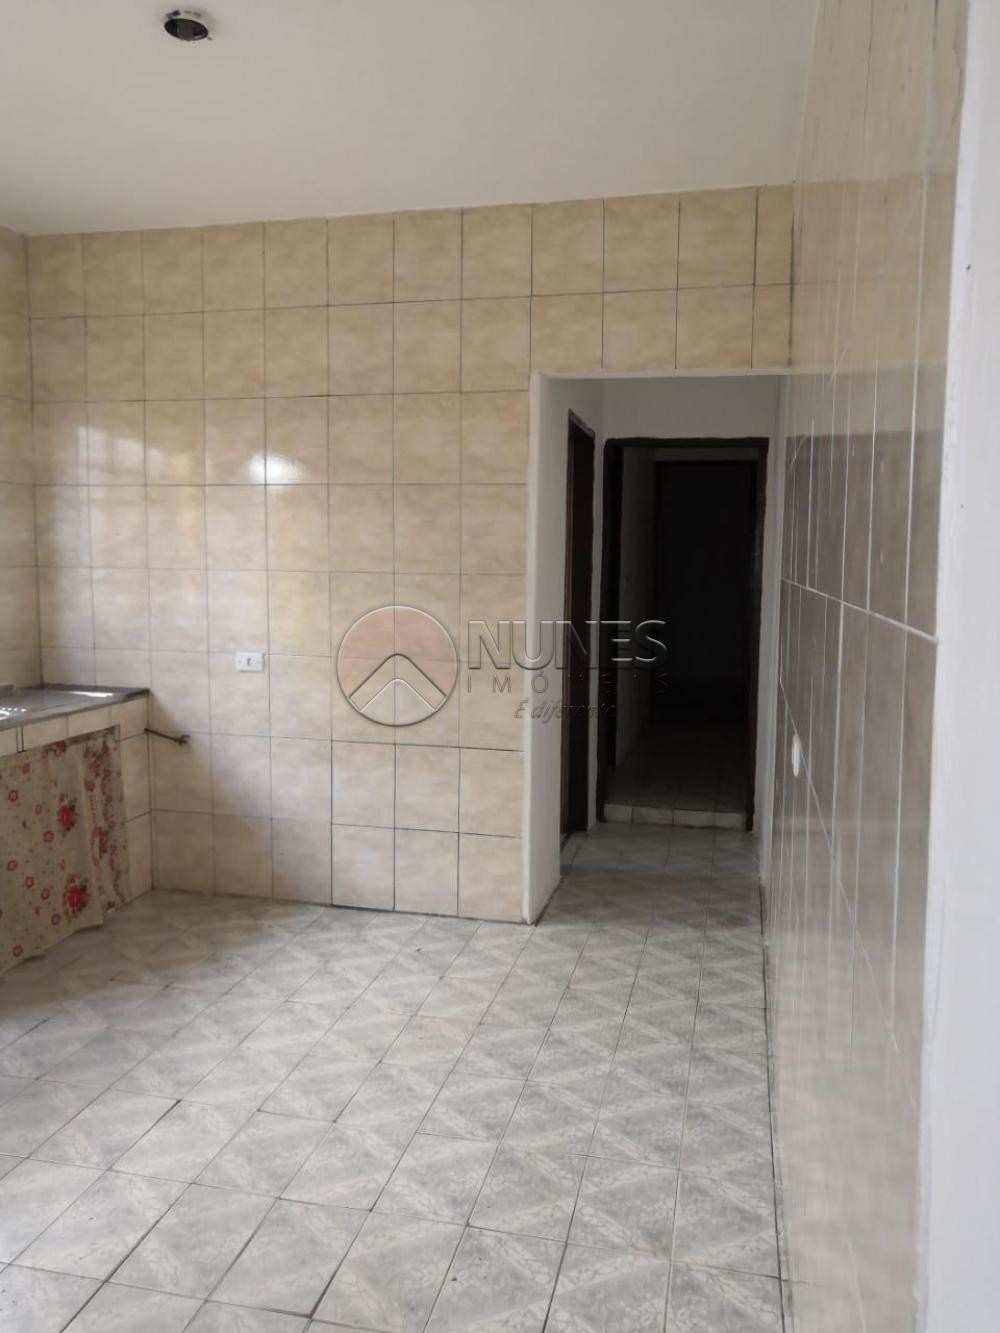 Comprar Casa / Terrea em Boituva apenas R$ 180.000,00 - Foto 14